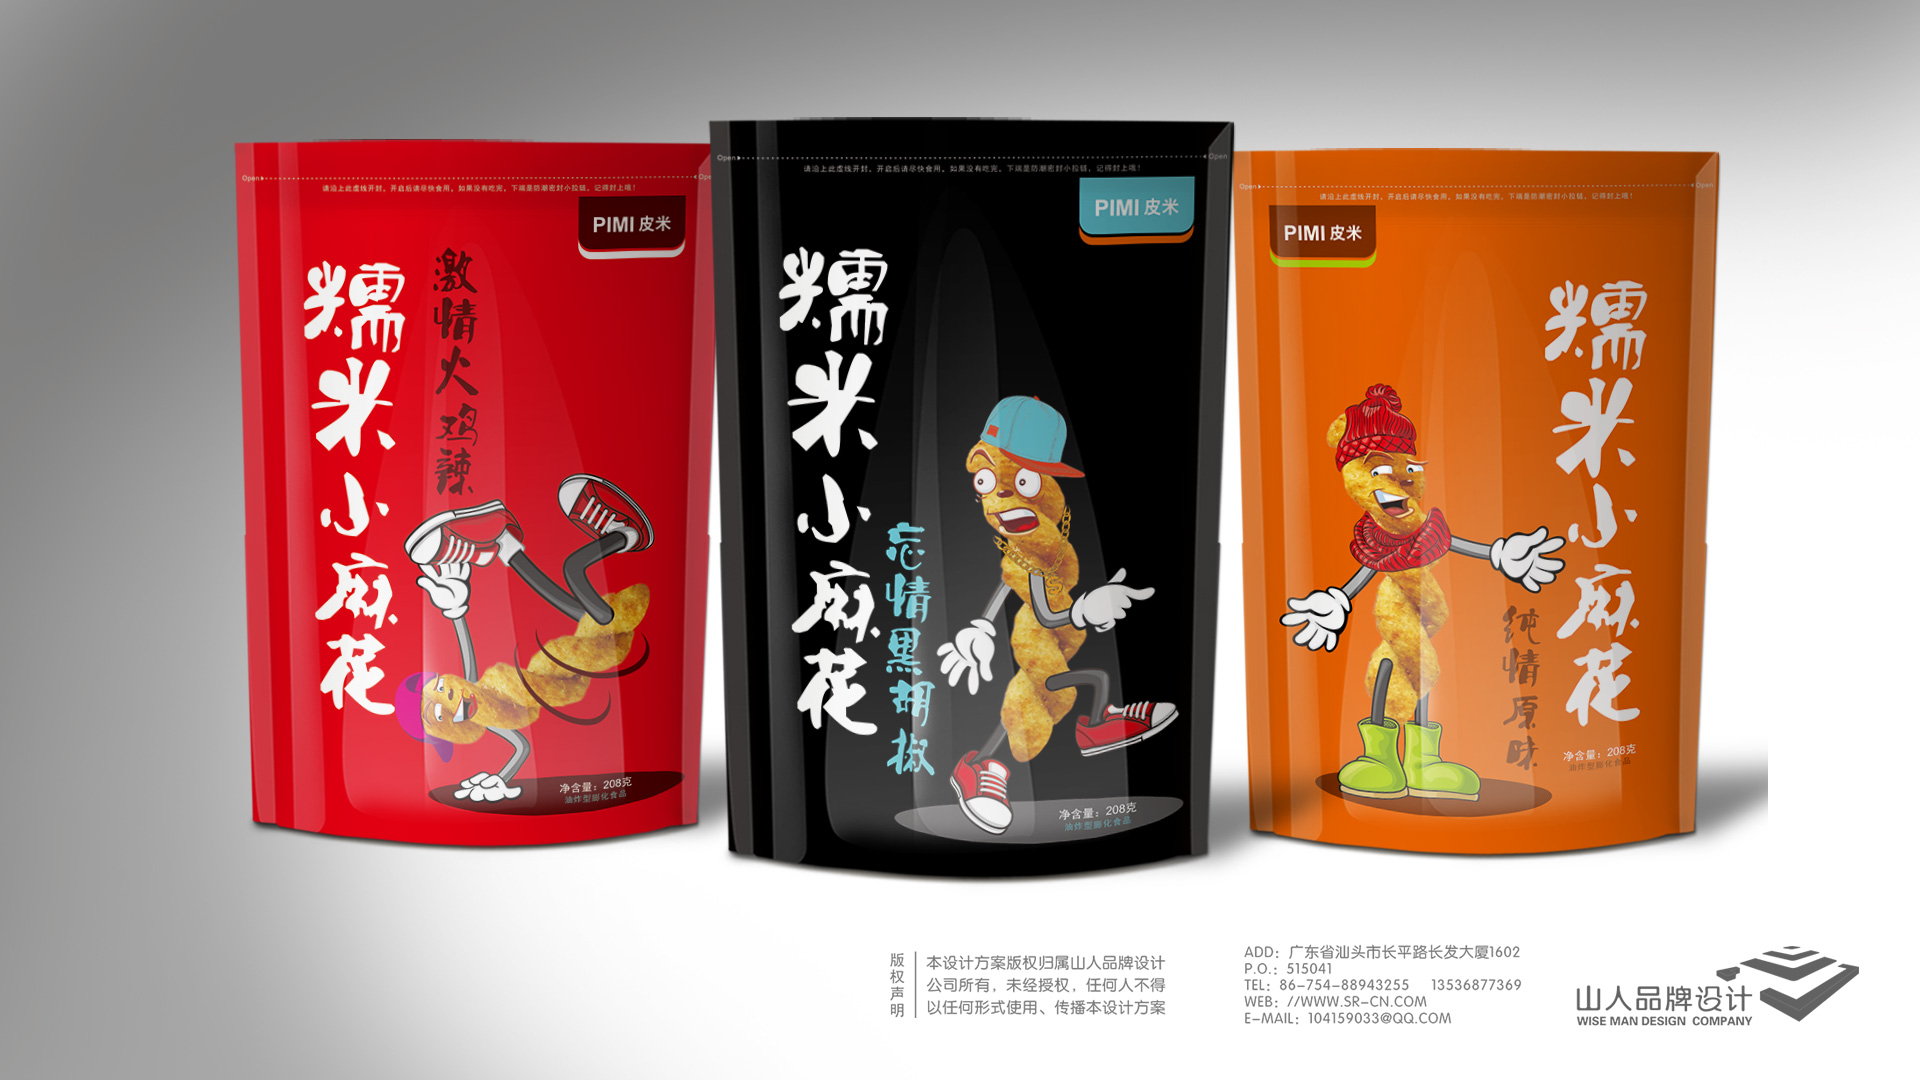 兴宁知名的酱菜腌制品包装设计